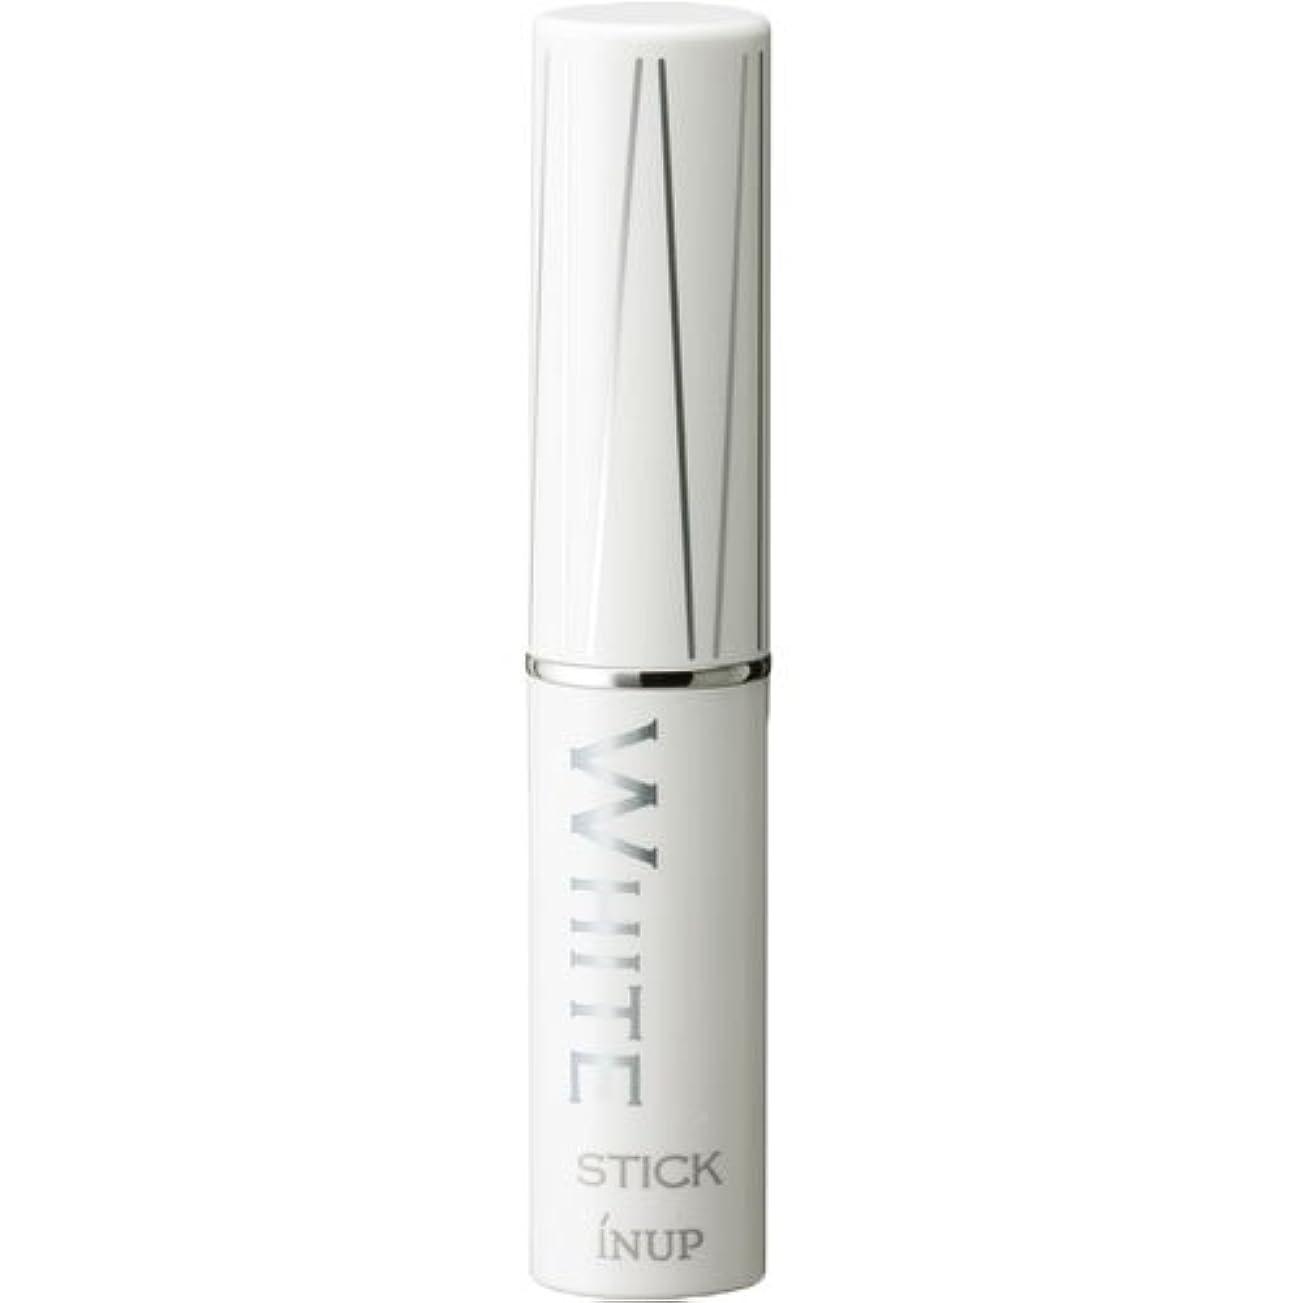 原因驚き汚れるインナップ 美容スティック ビタミンC誘導体85% 配合 ホワイトスティック